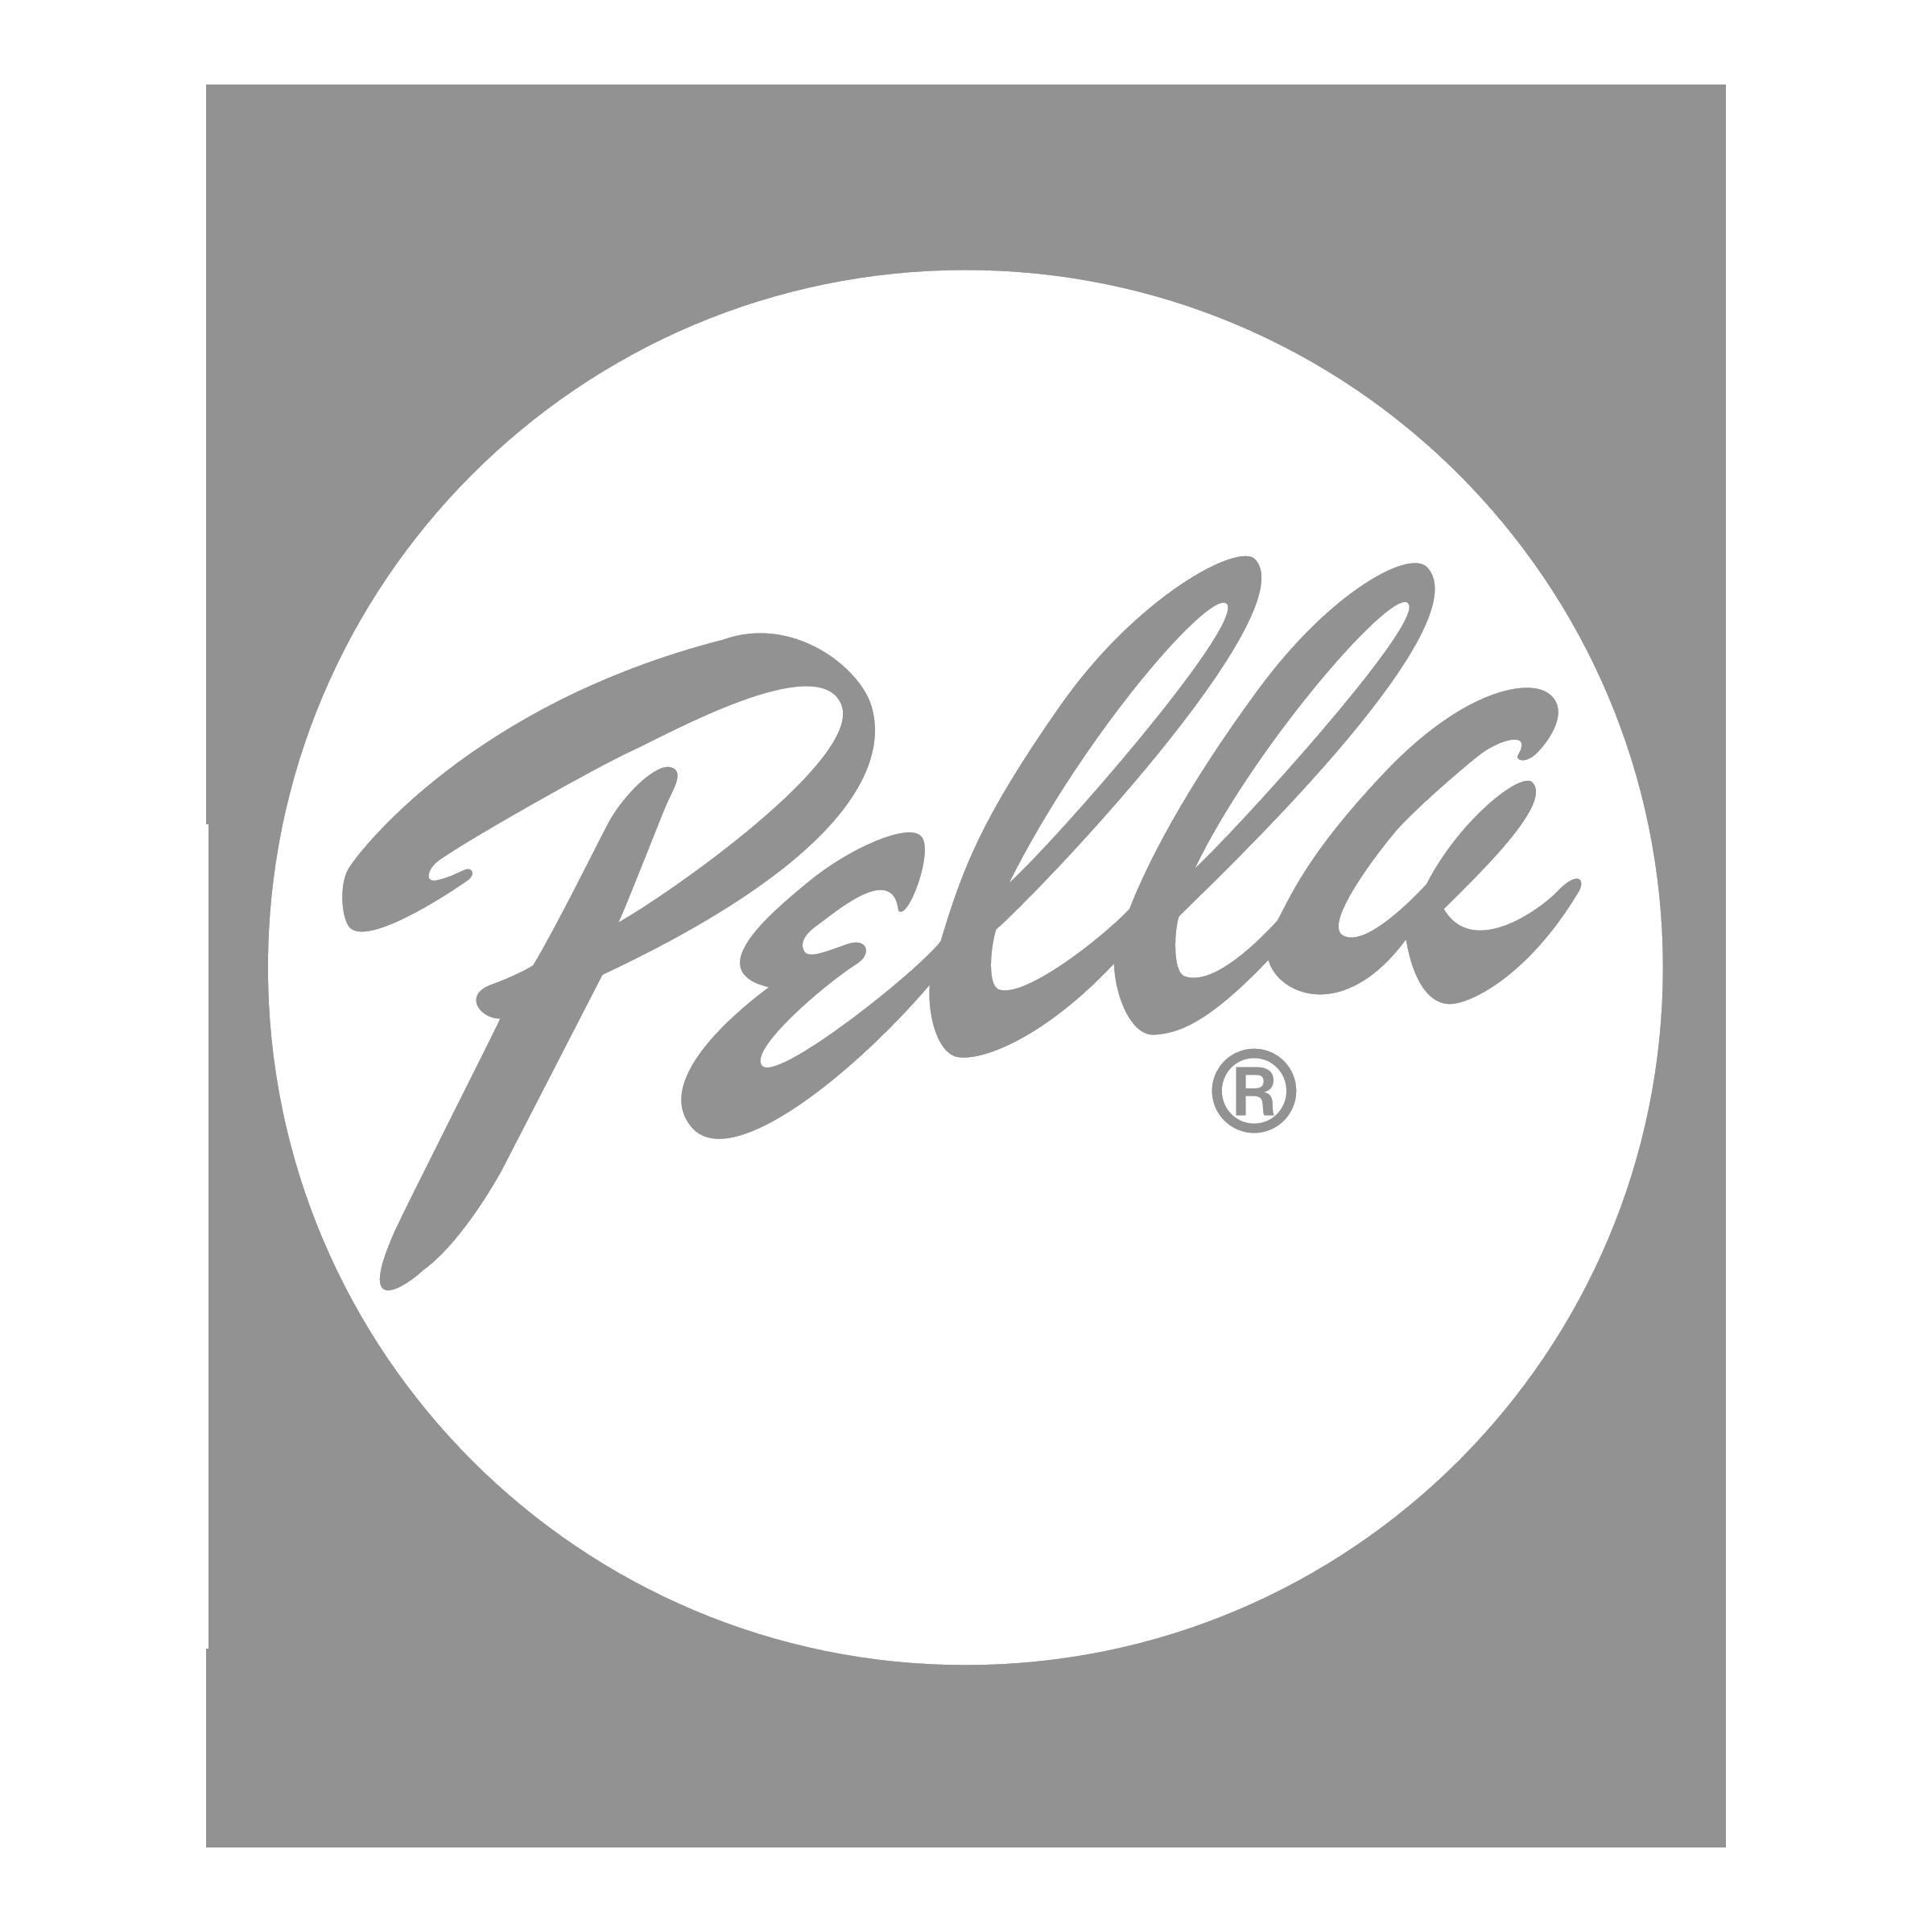 pella-1-logo-png-transparent.png